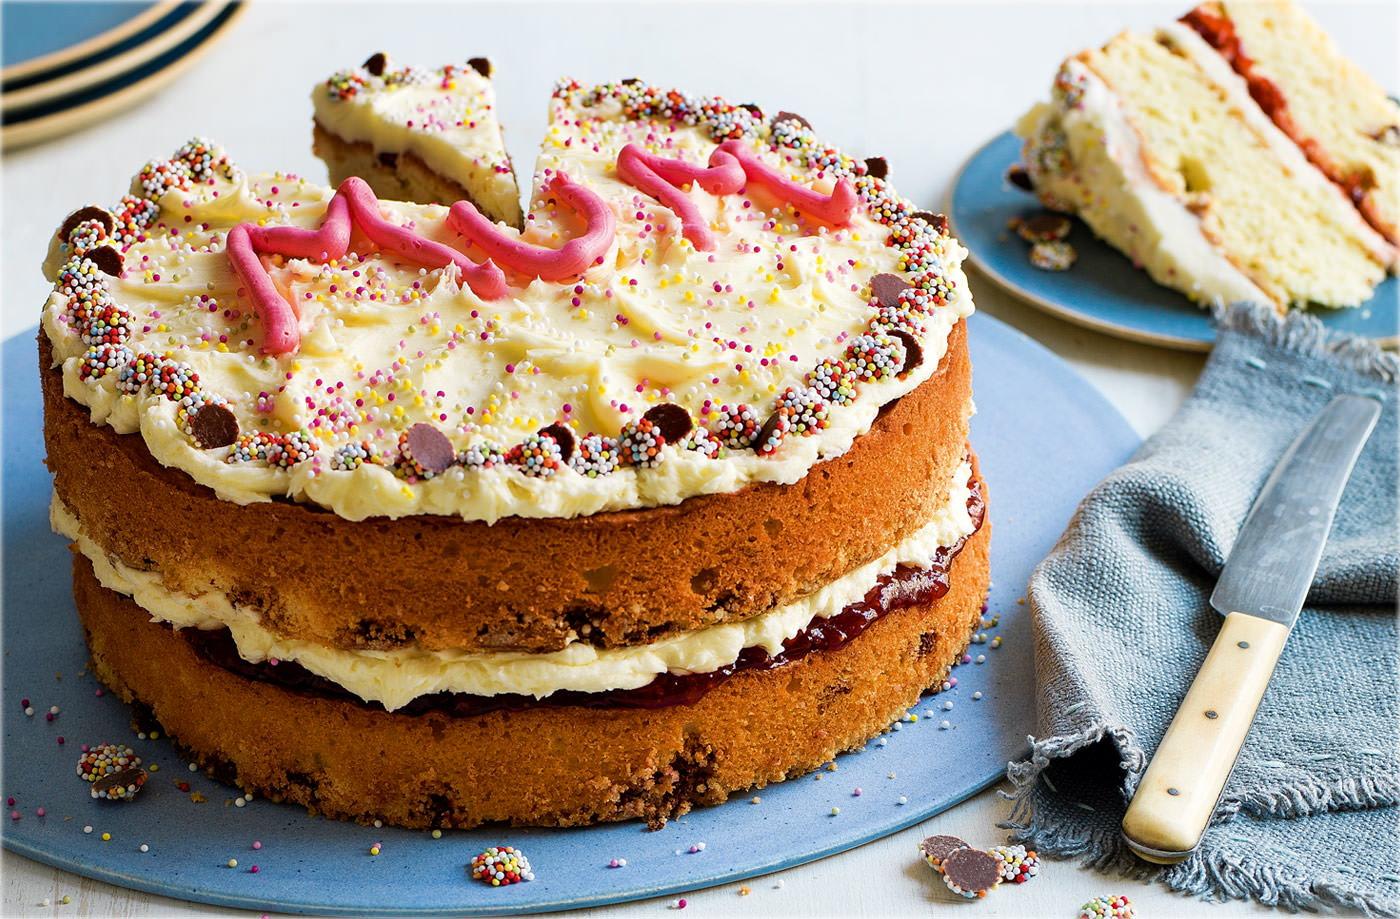 Tesco Cake Recipes Uk: Bill And Izzy's Mum'll Love This Cake Recipe